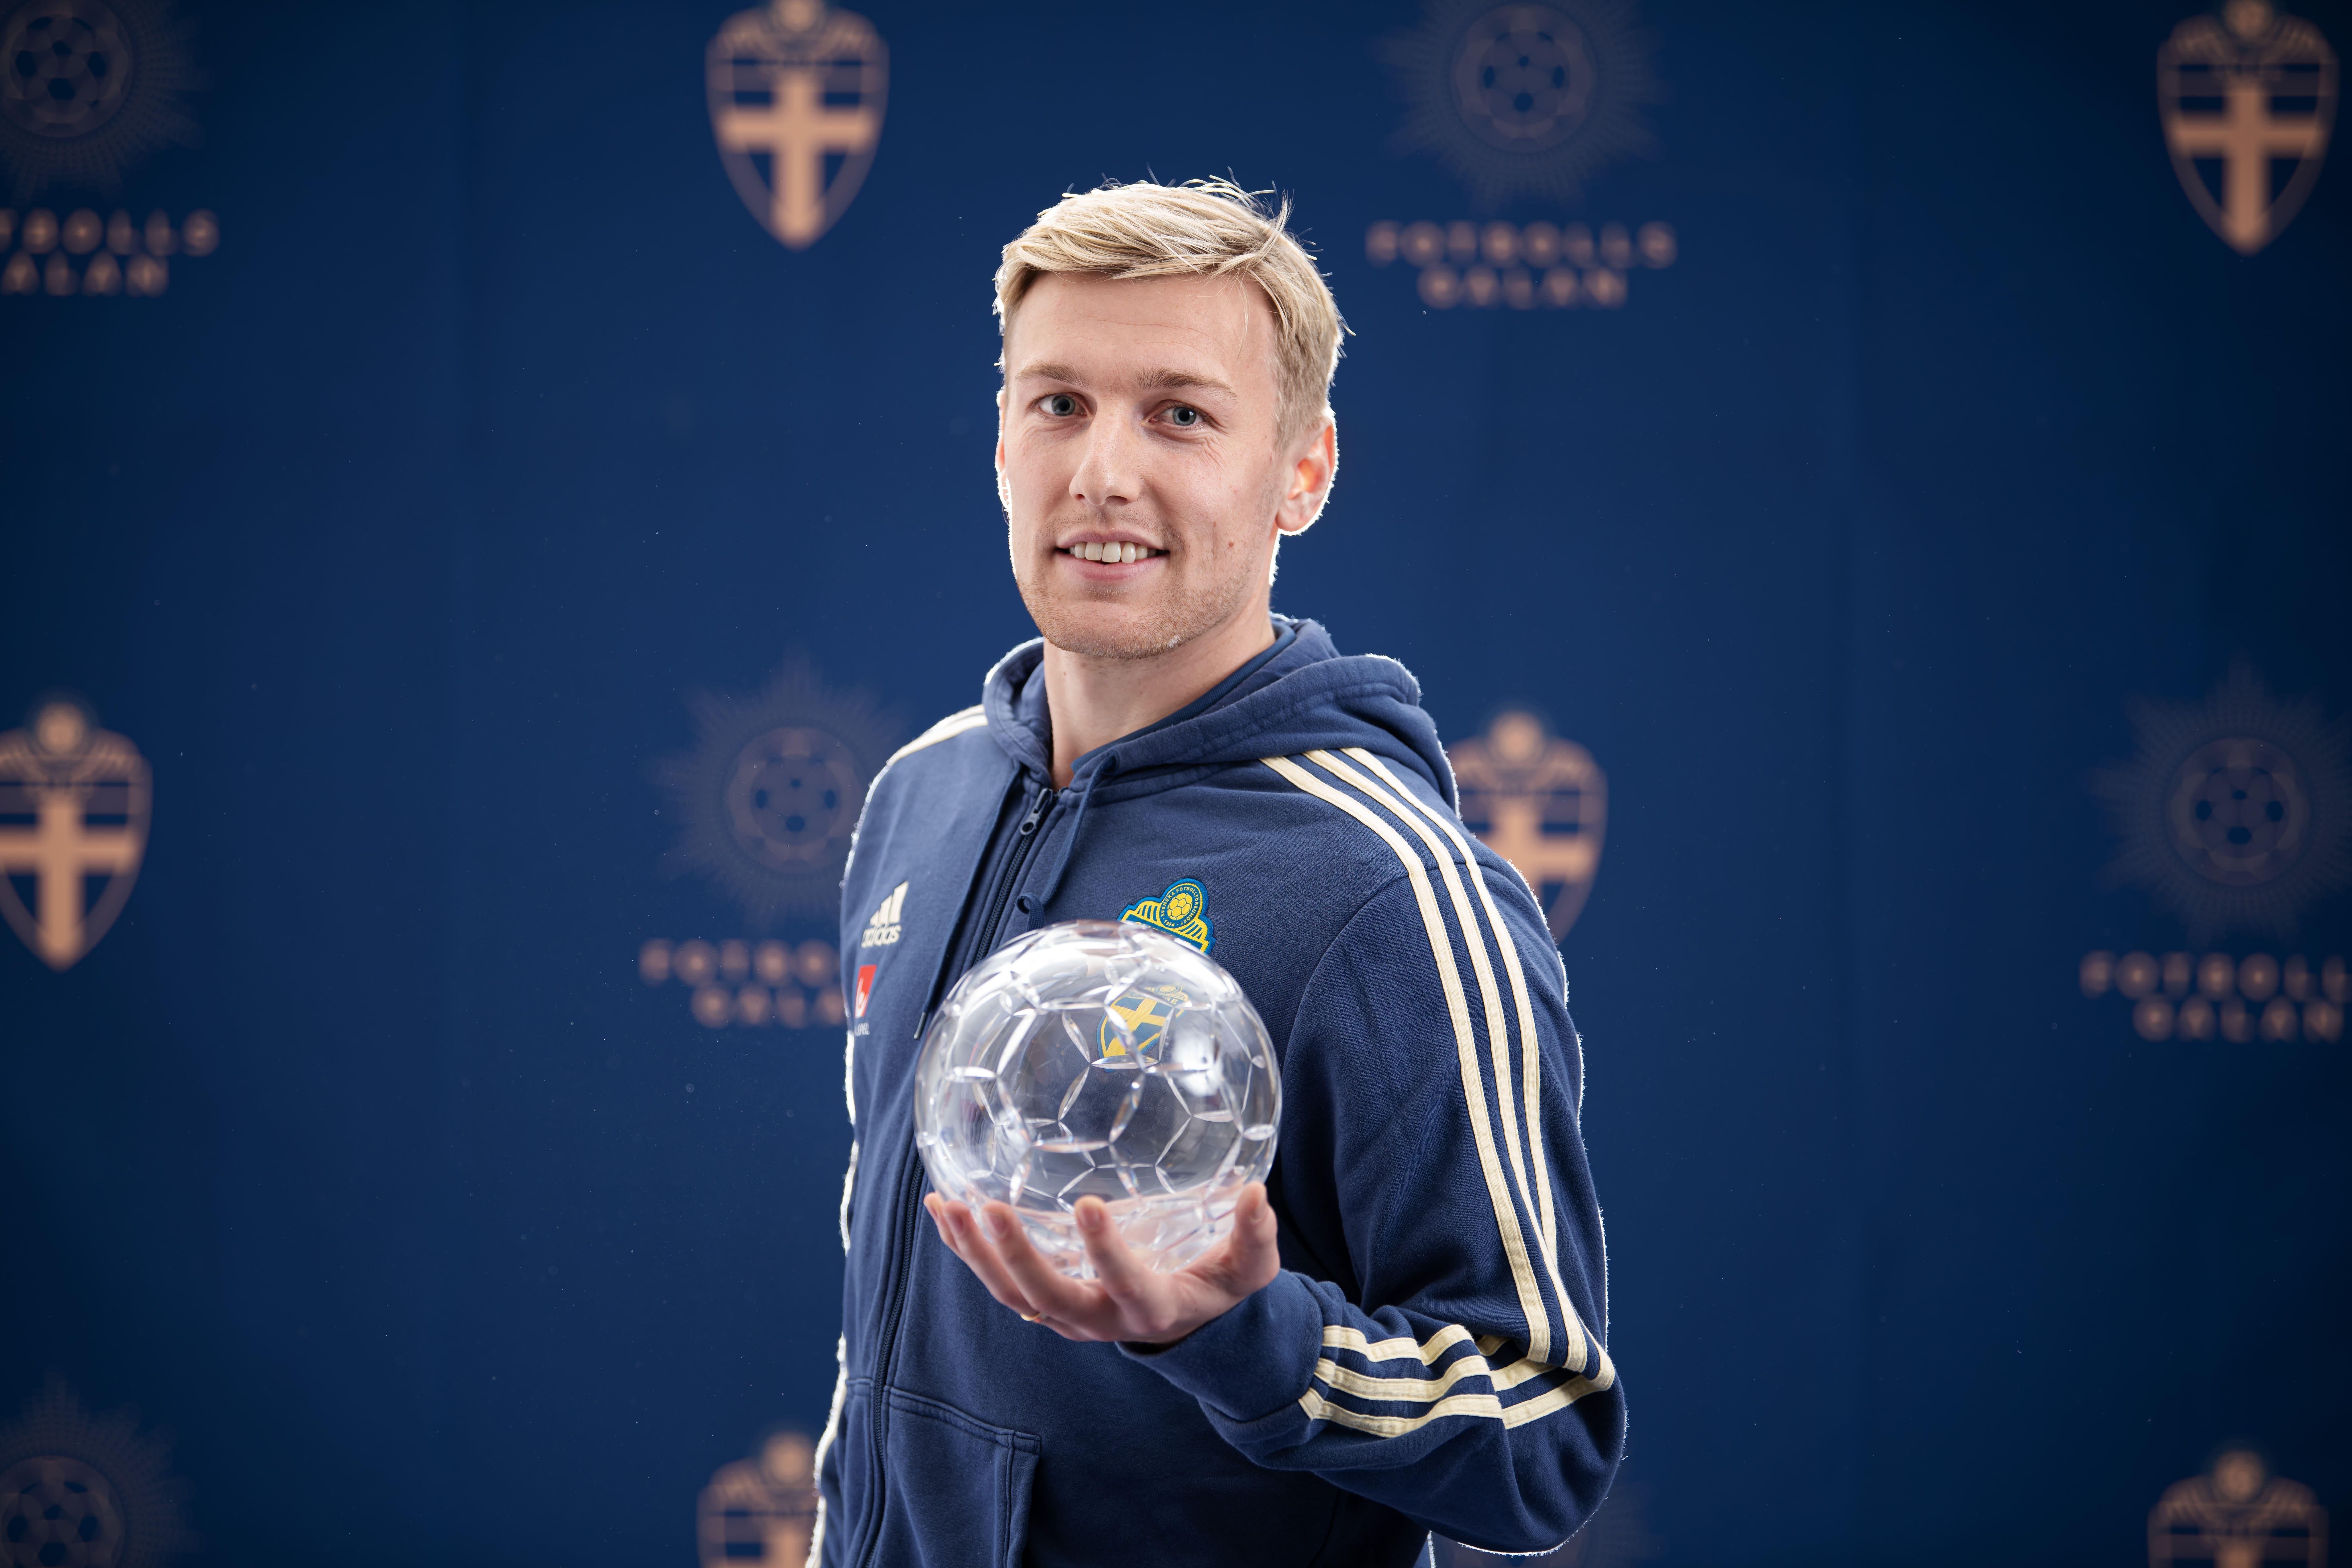 Sweden star Emil Forsberg eyes Serie A or La Liga move from RB Leipzig